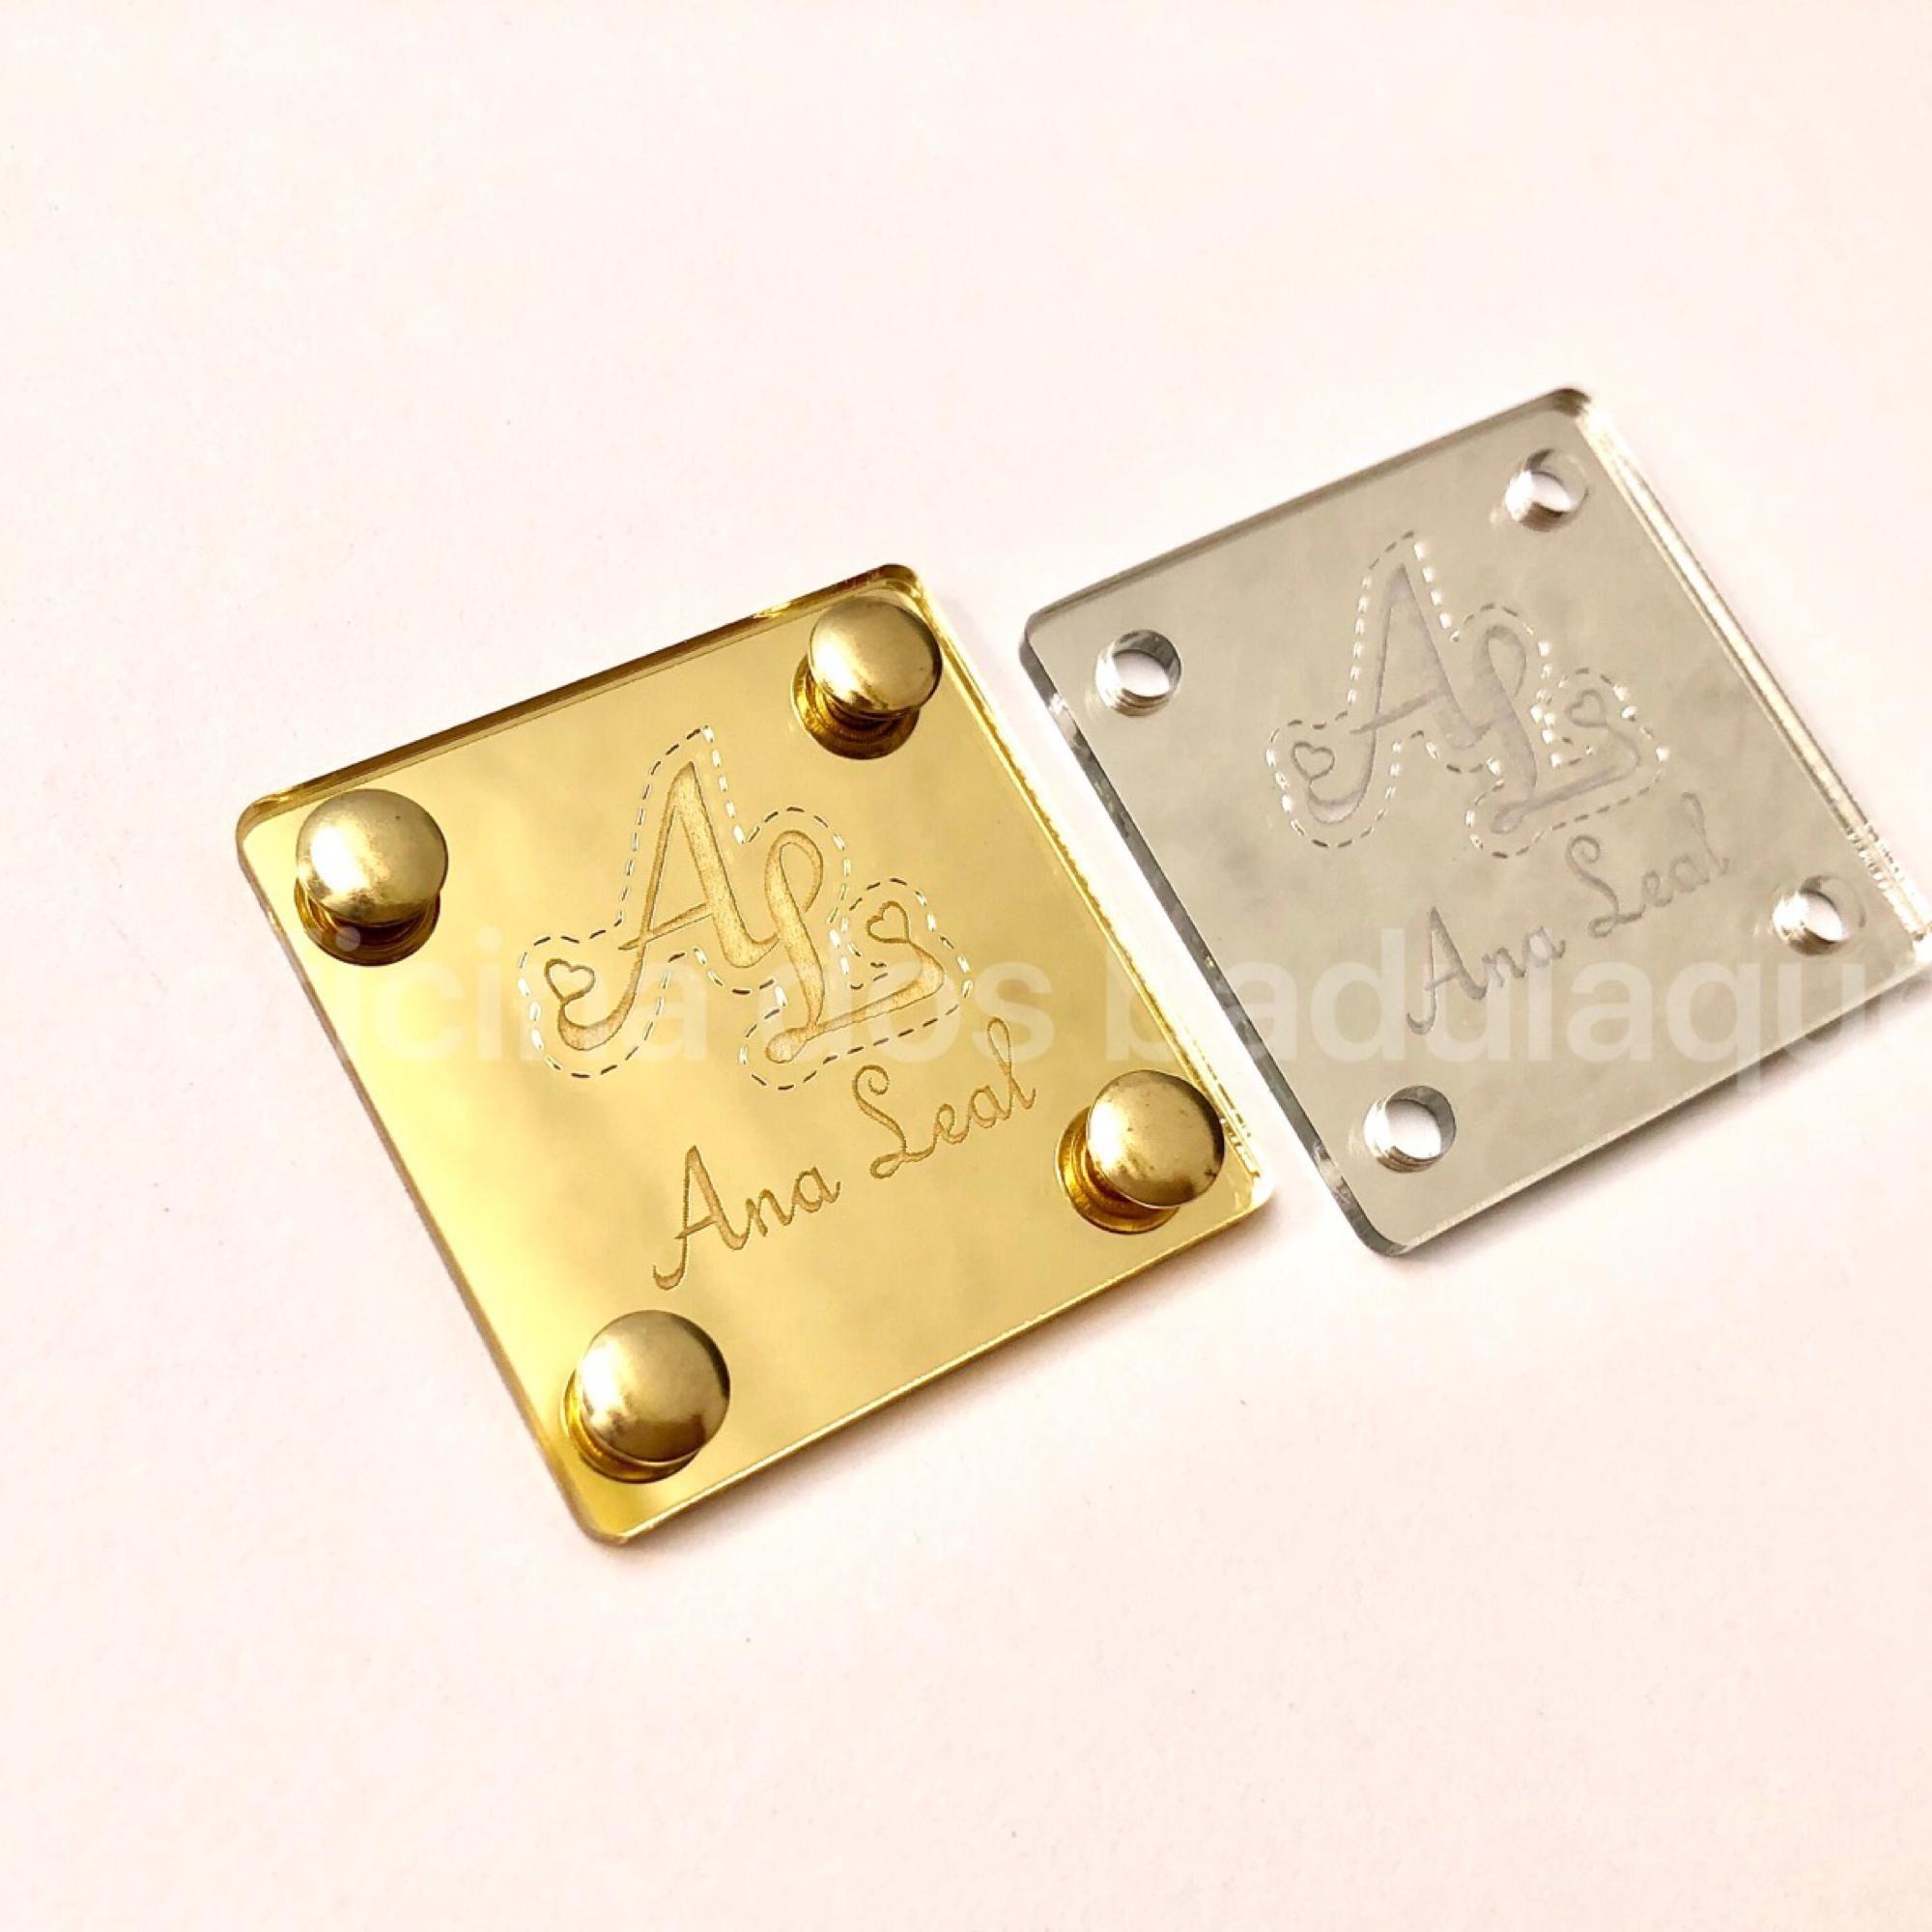 dc72e0255 50 Finalizador em Acrilico Etiquetas | Elo7